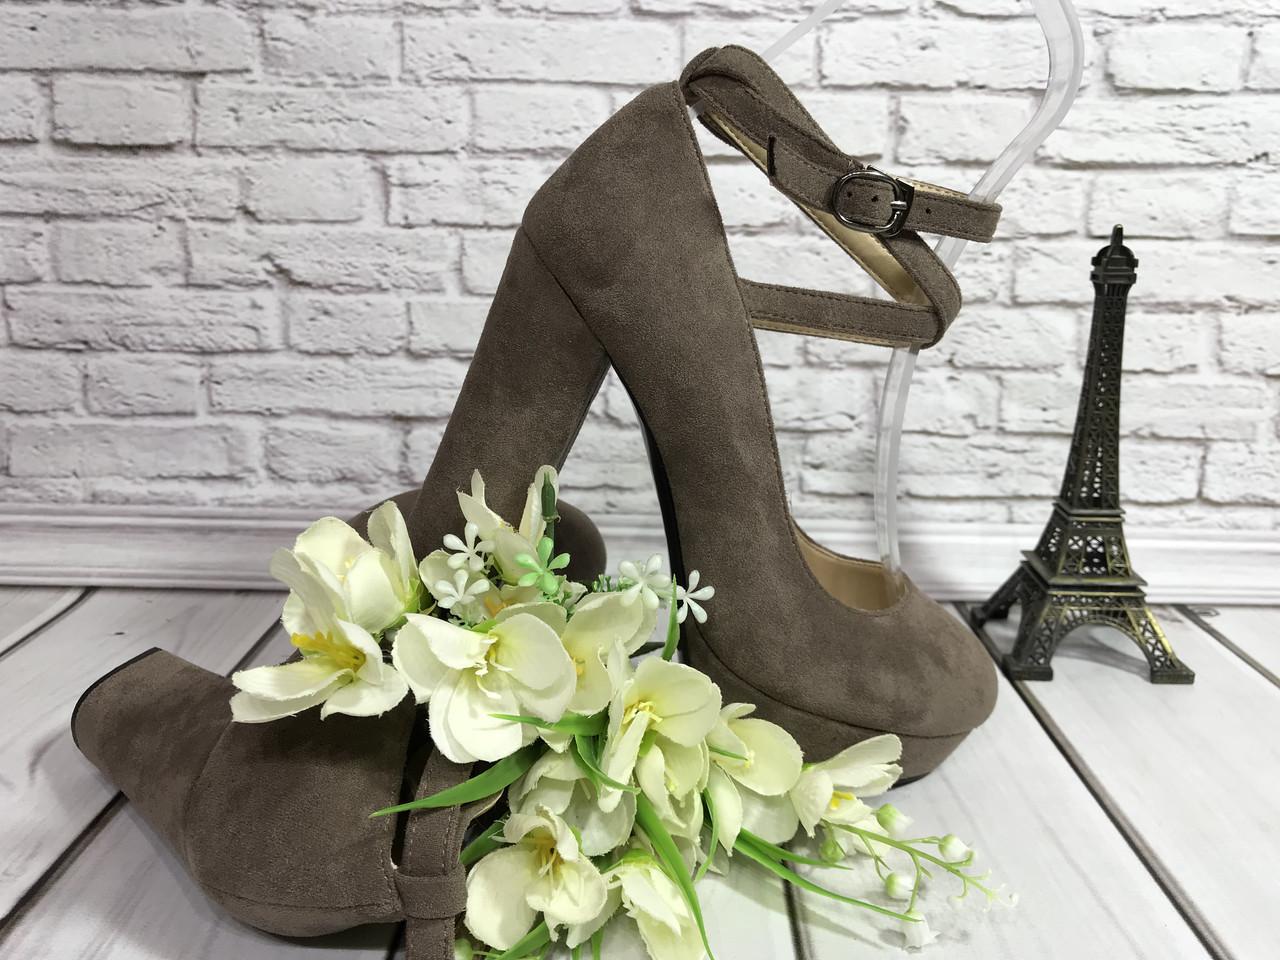 Женские туфли на среднем каблучке с перемычками по ноге, цвет бежевая замша.